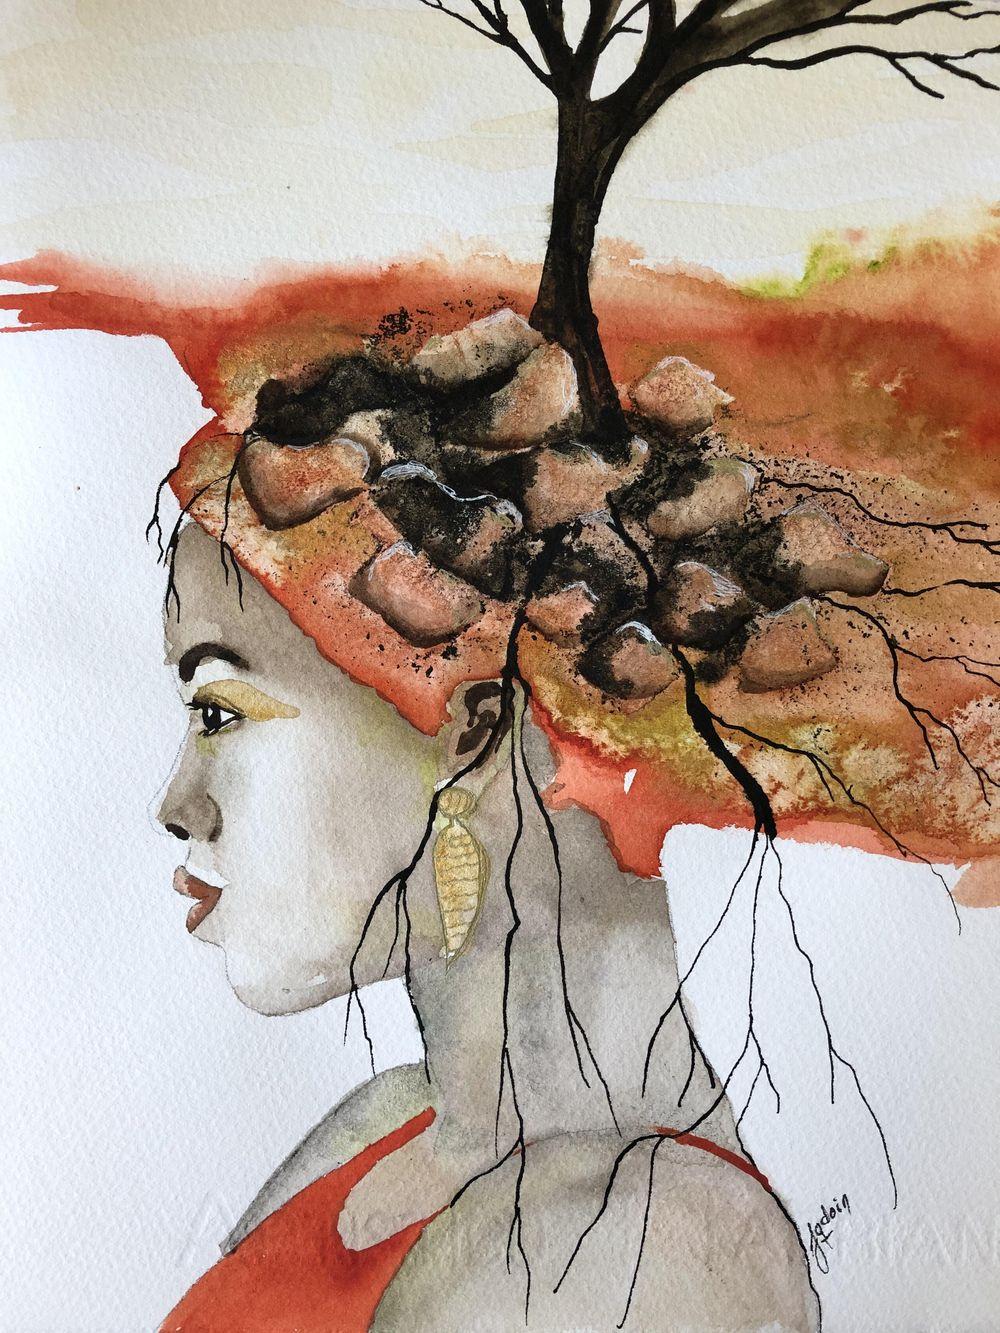 Esperanza - image 2 - student project